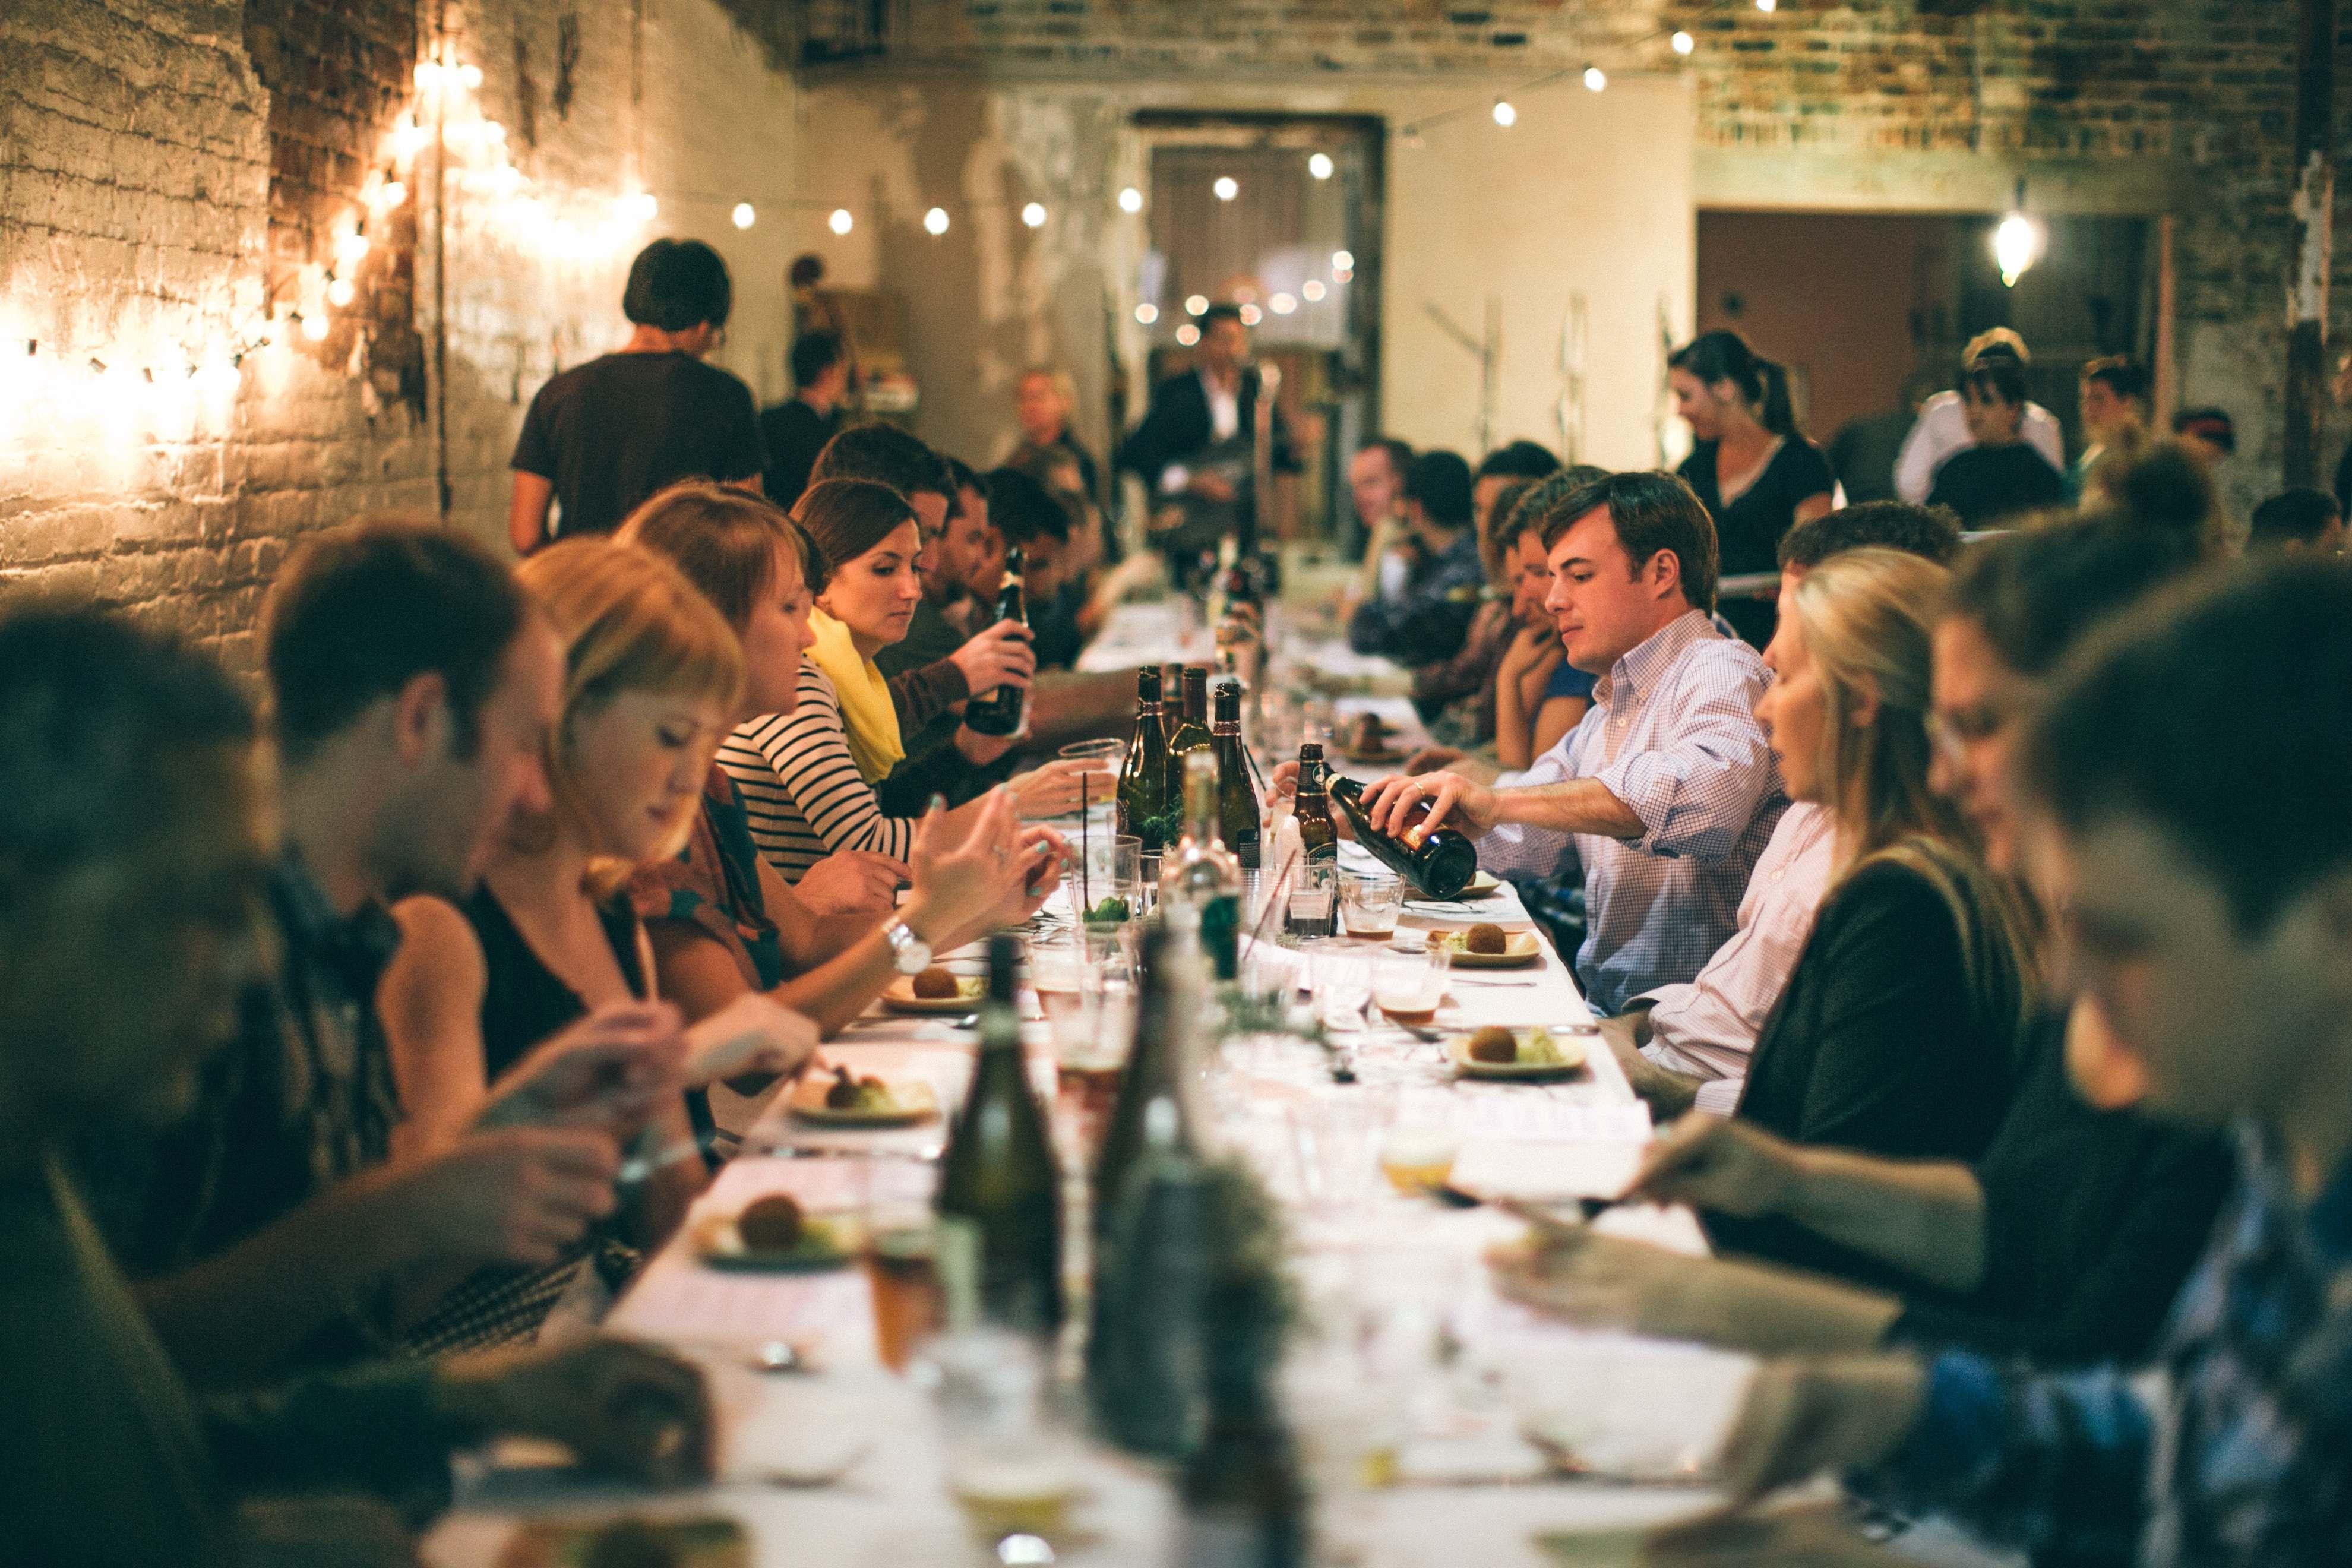 游击美食会 Dinner Lab 用大数据提高新餐馆成功机率